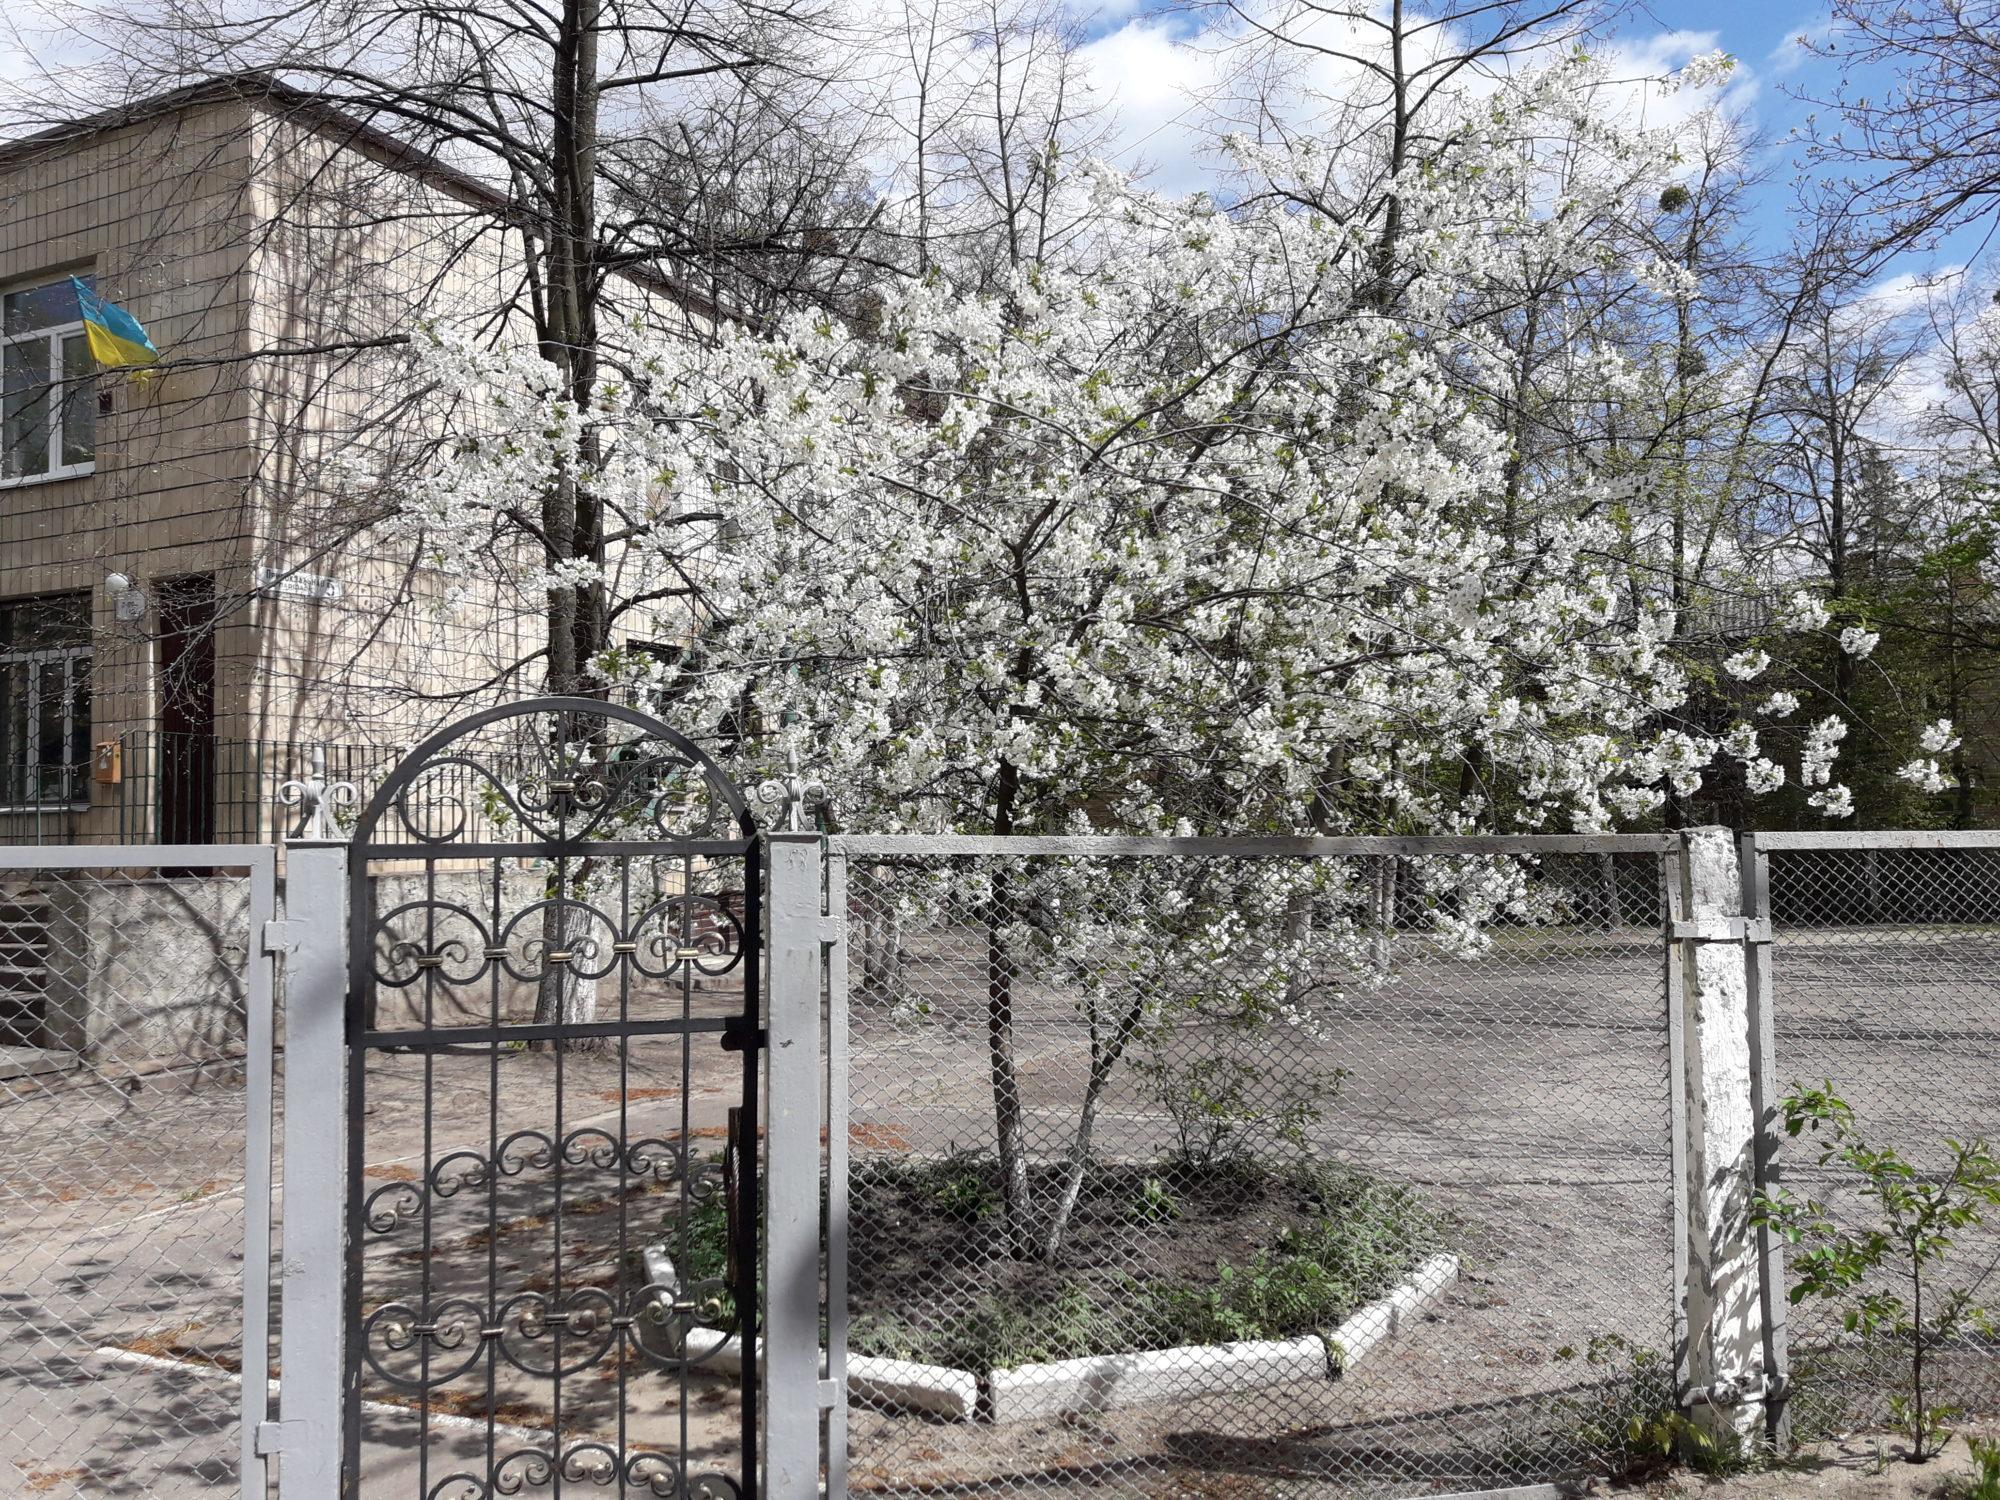 Ірпінь квітне: у місті настає пік цвітіння дерев та кущів (ФОТО) -  - 20200427 140850 2000x1500